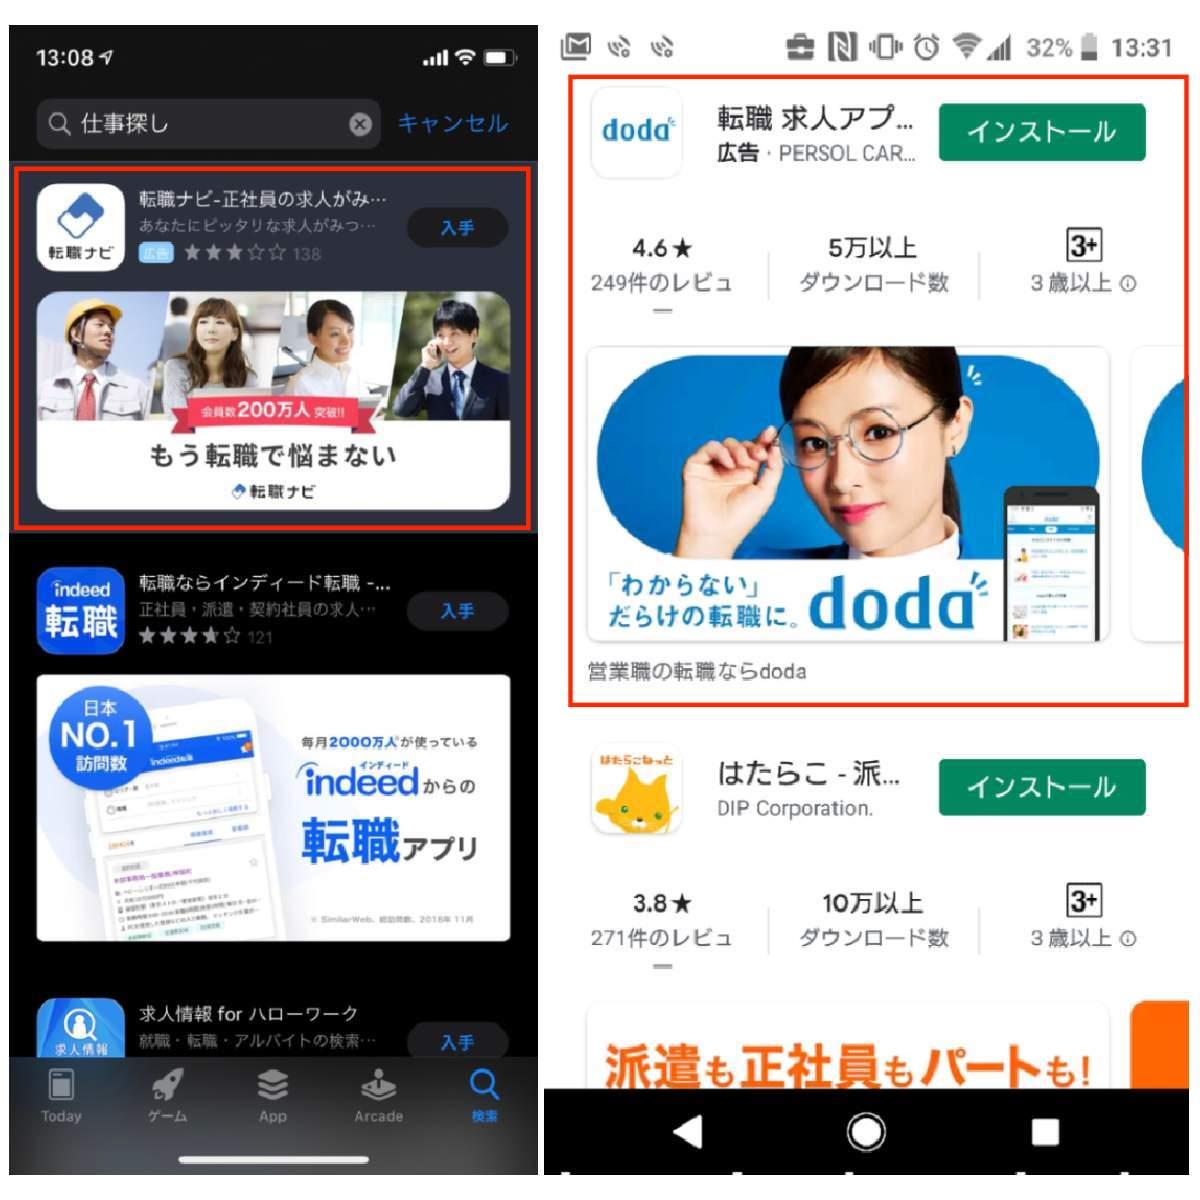 モバイルアプリ_インストール広告